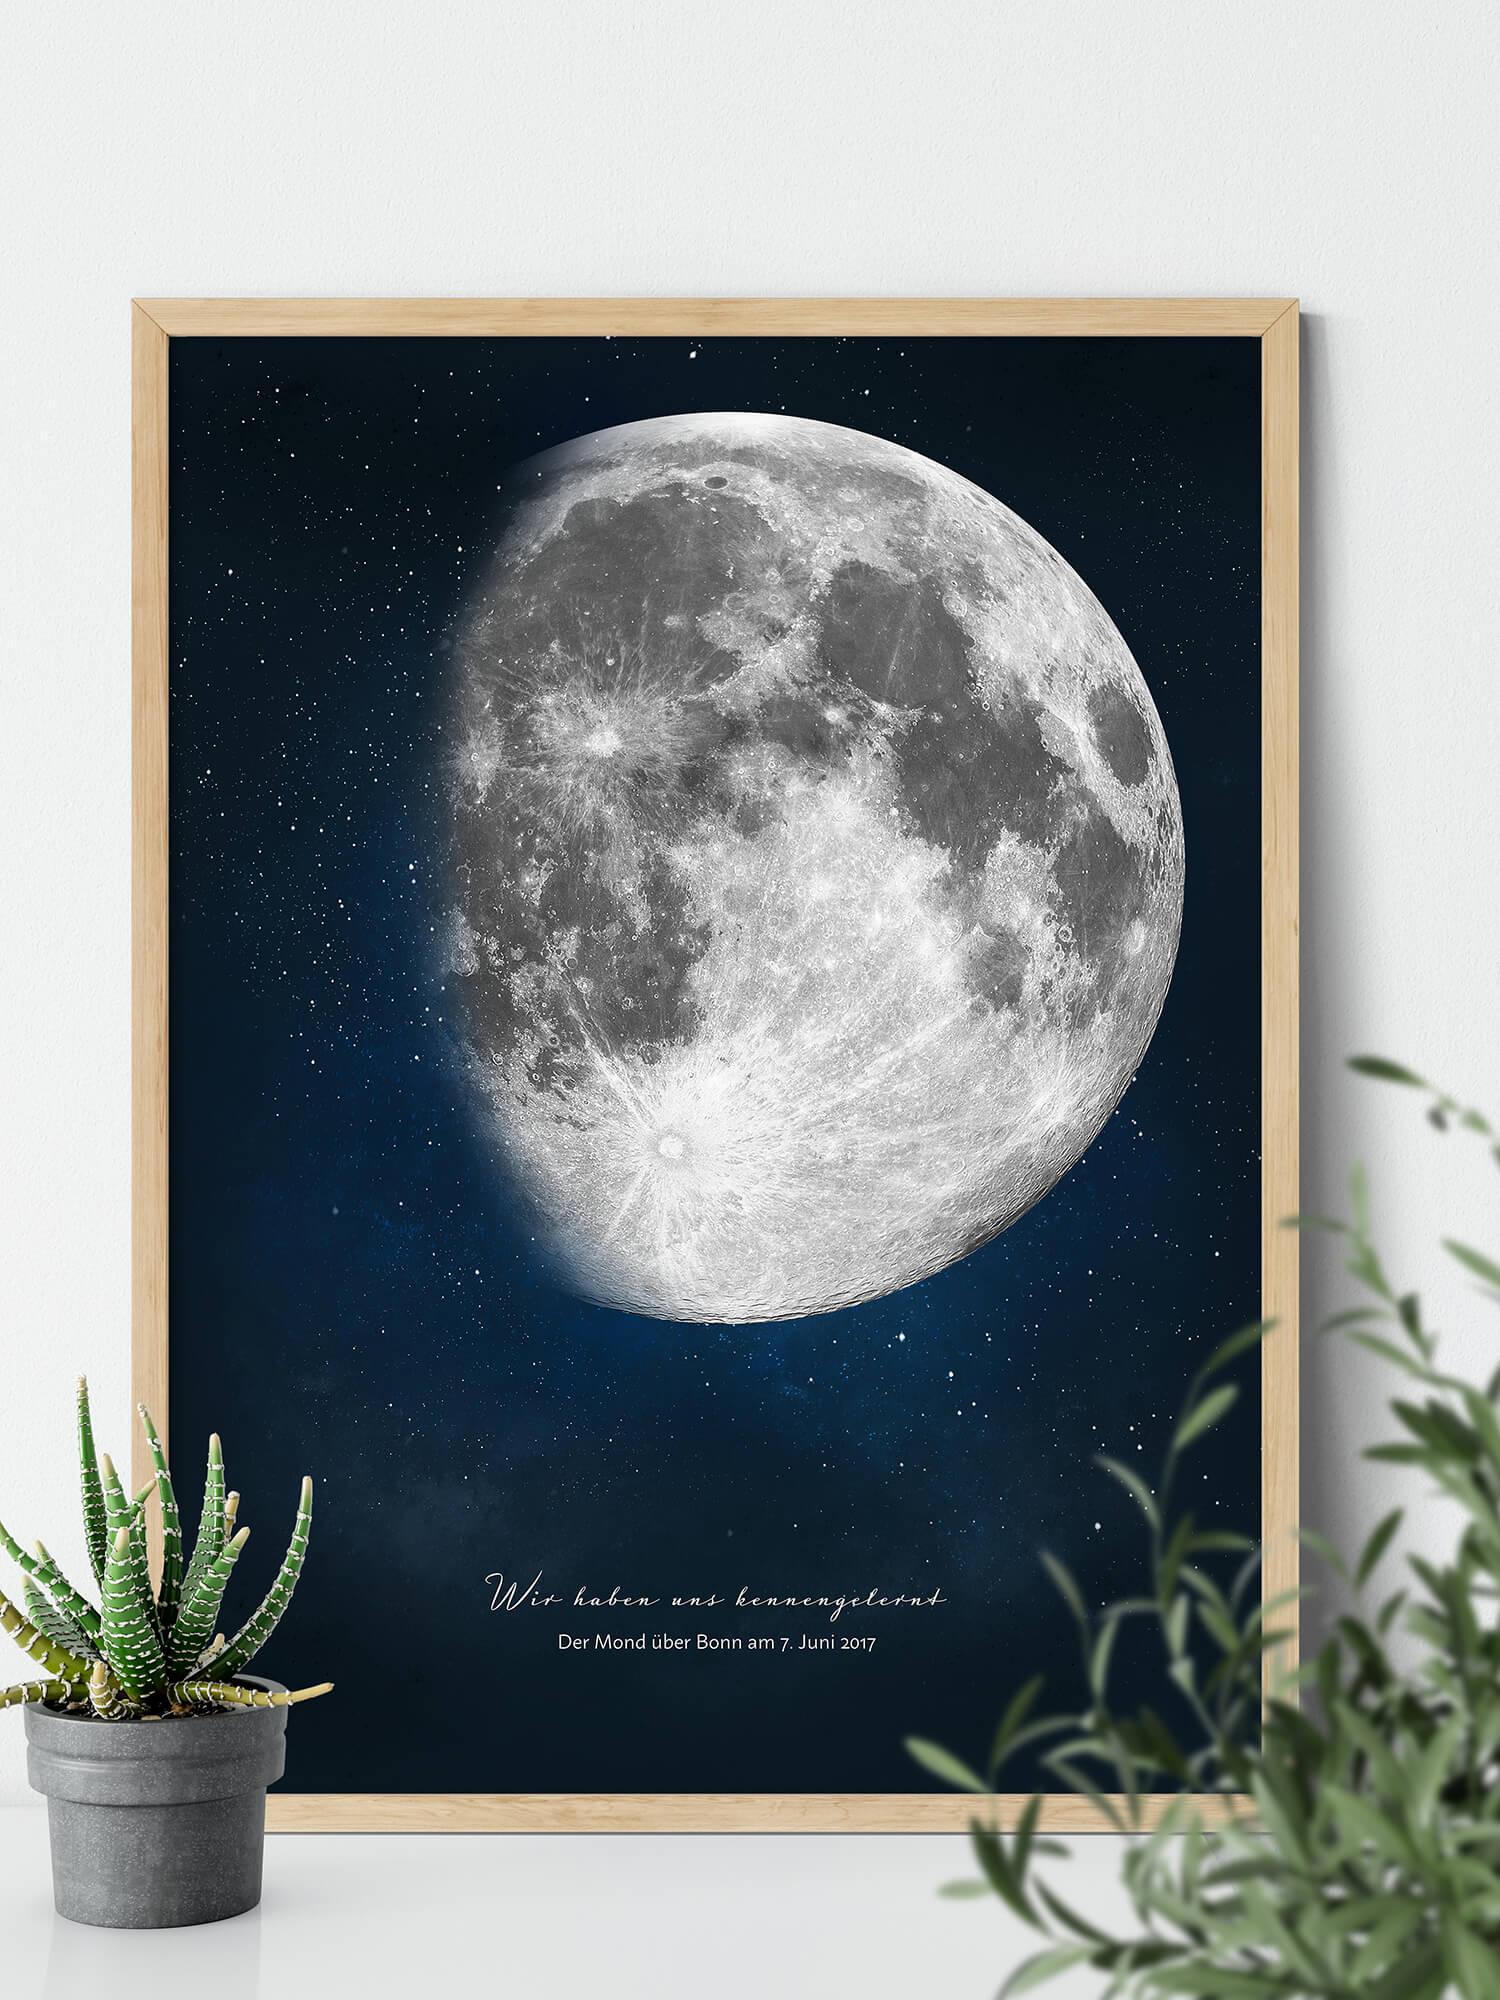 Positiveprints.com Personalisiertes Mondposter Wir haben uns kennengelernt